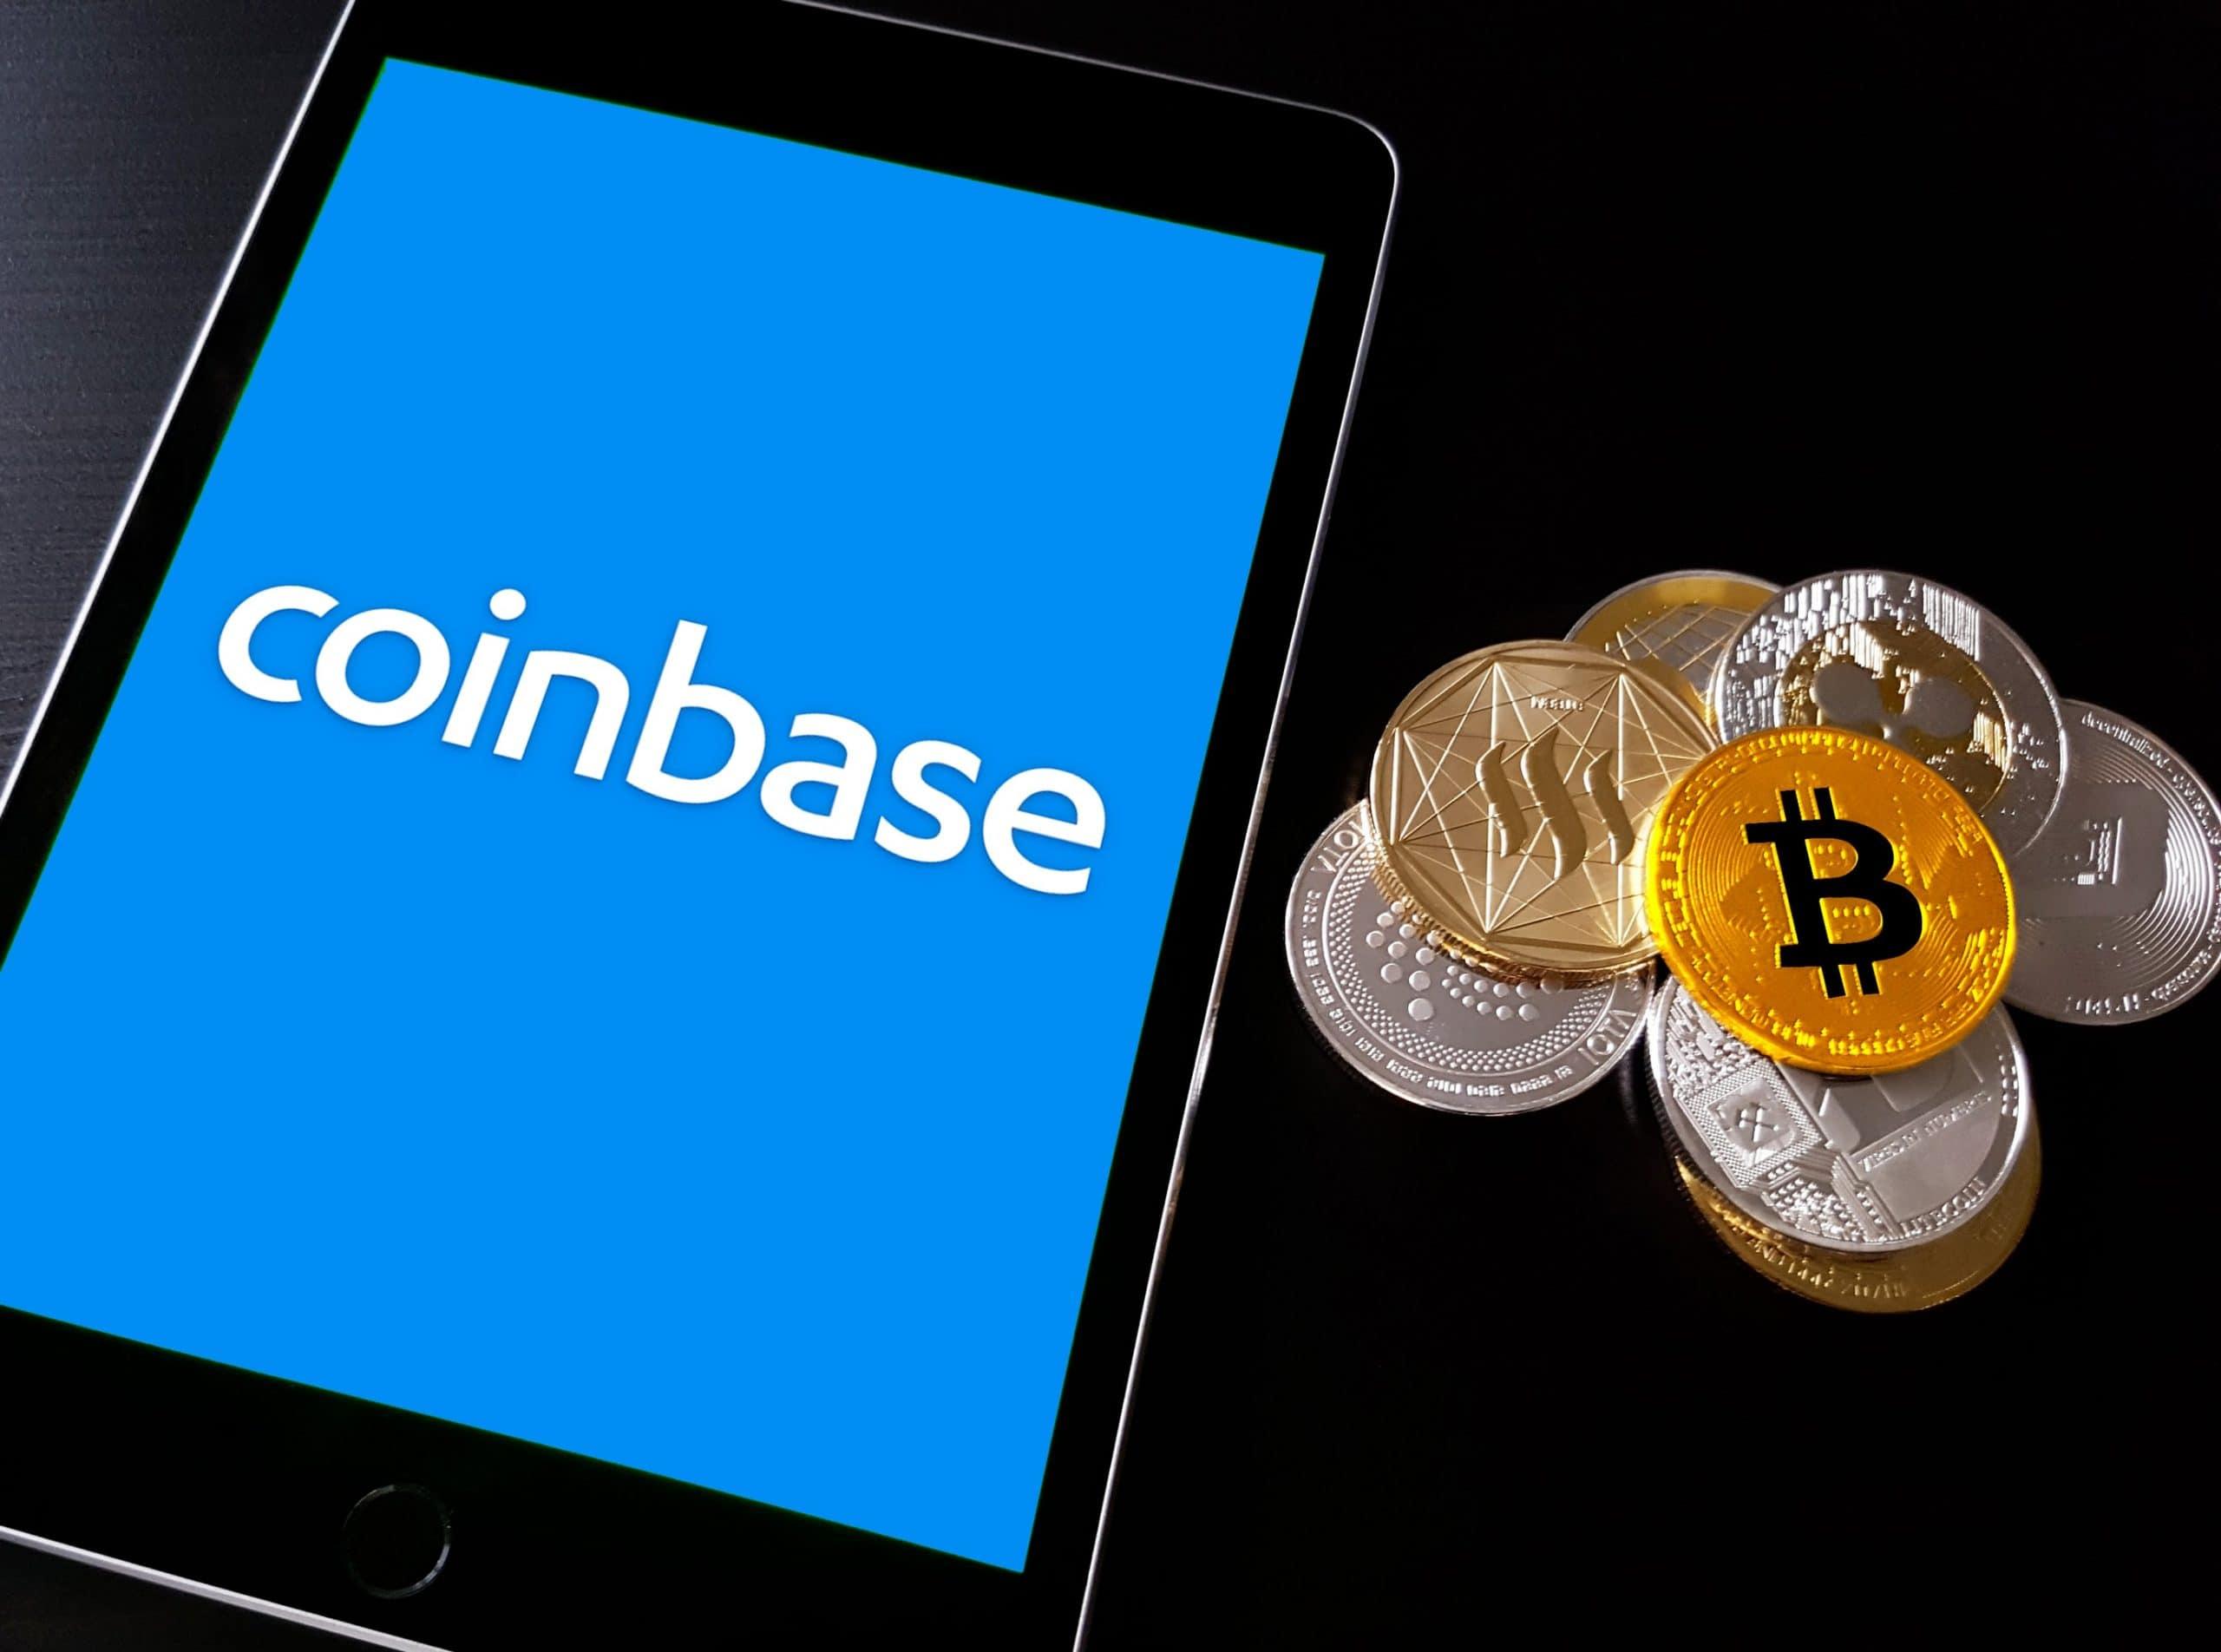 Coinbase Logo auf Smartphone Display, daneben ein Haufen mit diversen Krypto-Münzen